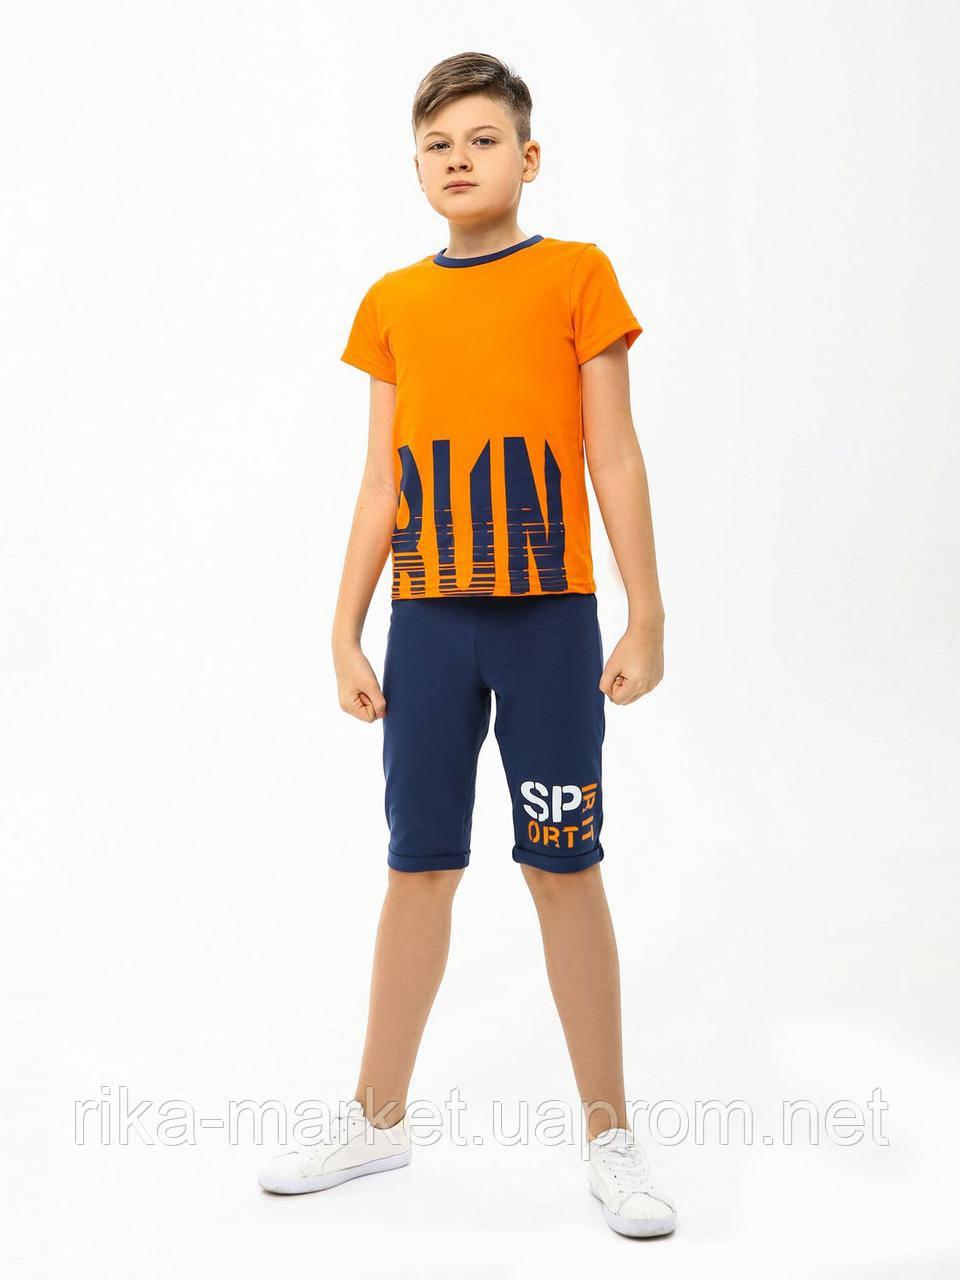 Комплект (футболка+бриджи) для мальчика,  от 2 до 10 лет, 113270